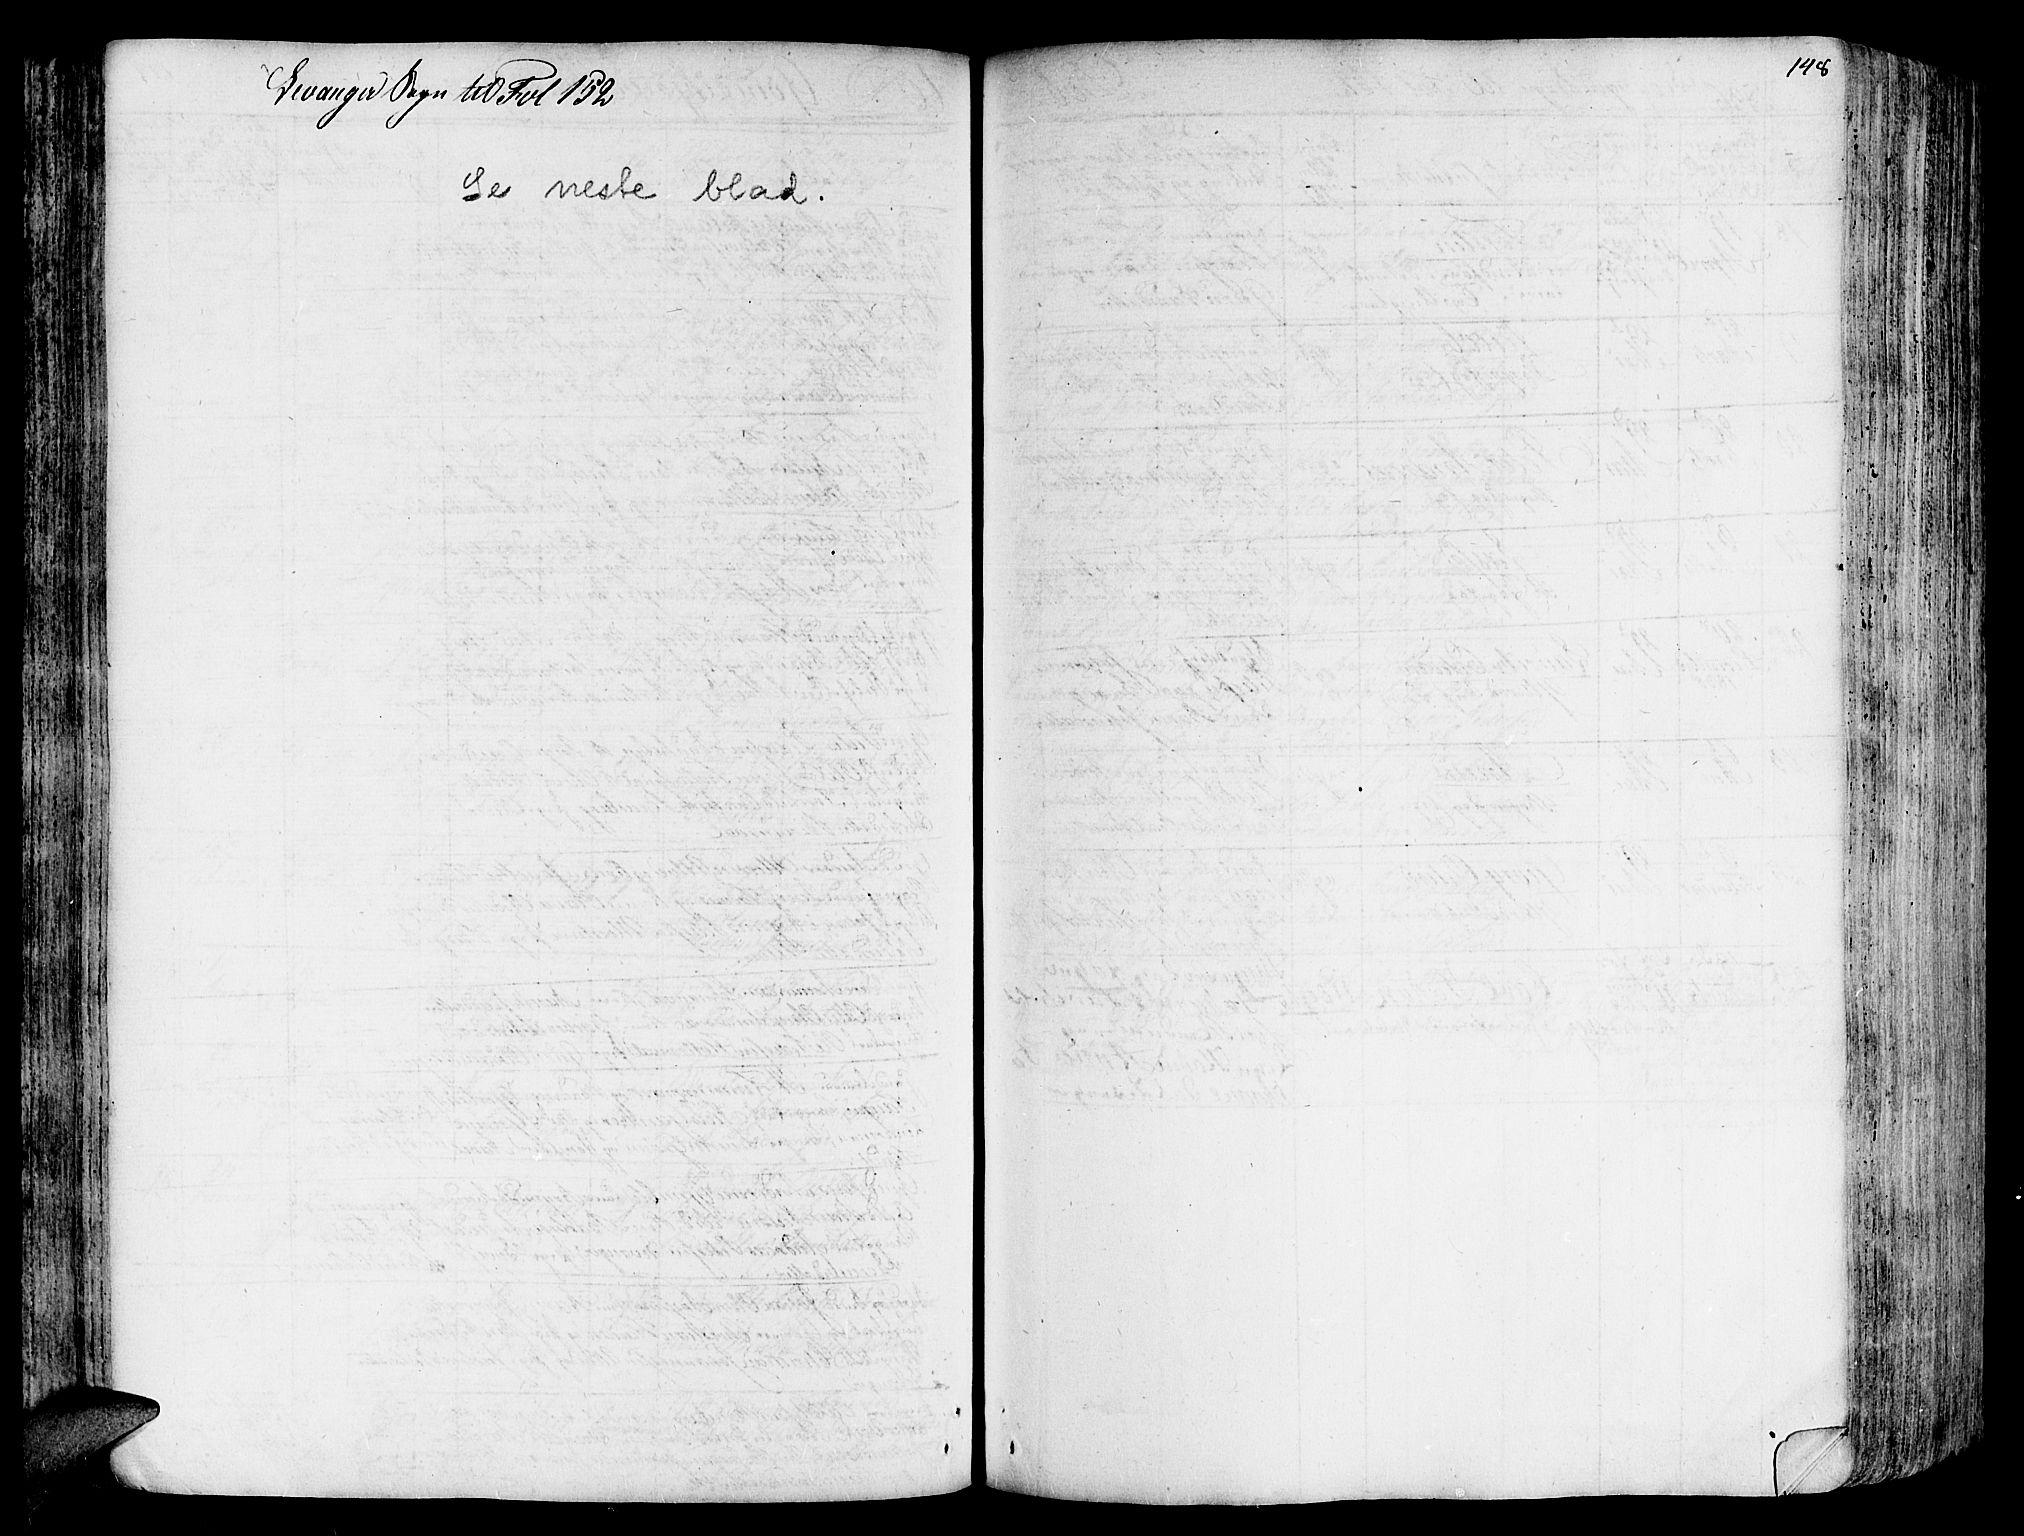 SAT, Ministerialprotokoller, klokkerbøker og fødselsregistre - Nord-Trøndelag, 717/L0152: Ministerialbok nr. 717A05 /3, 1828-1836, s. 148